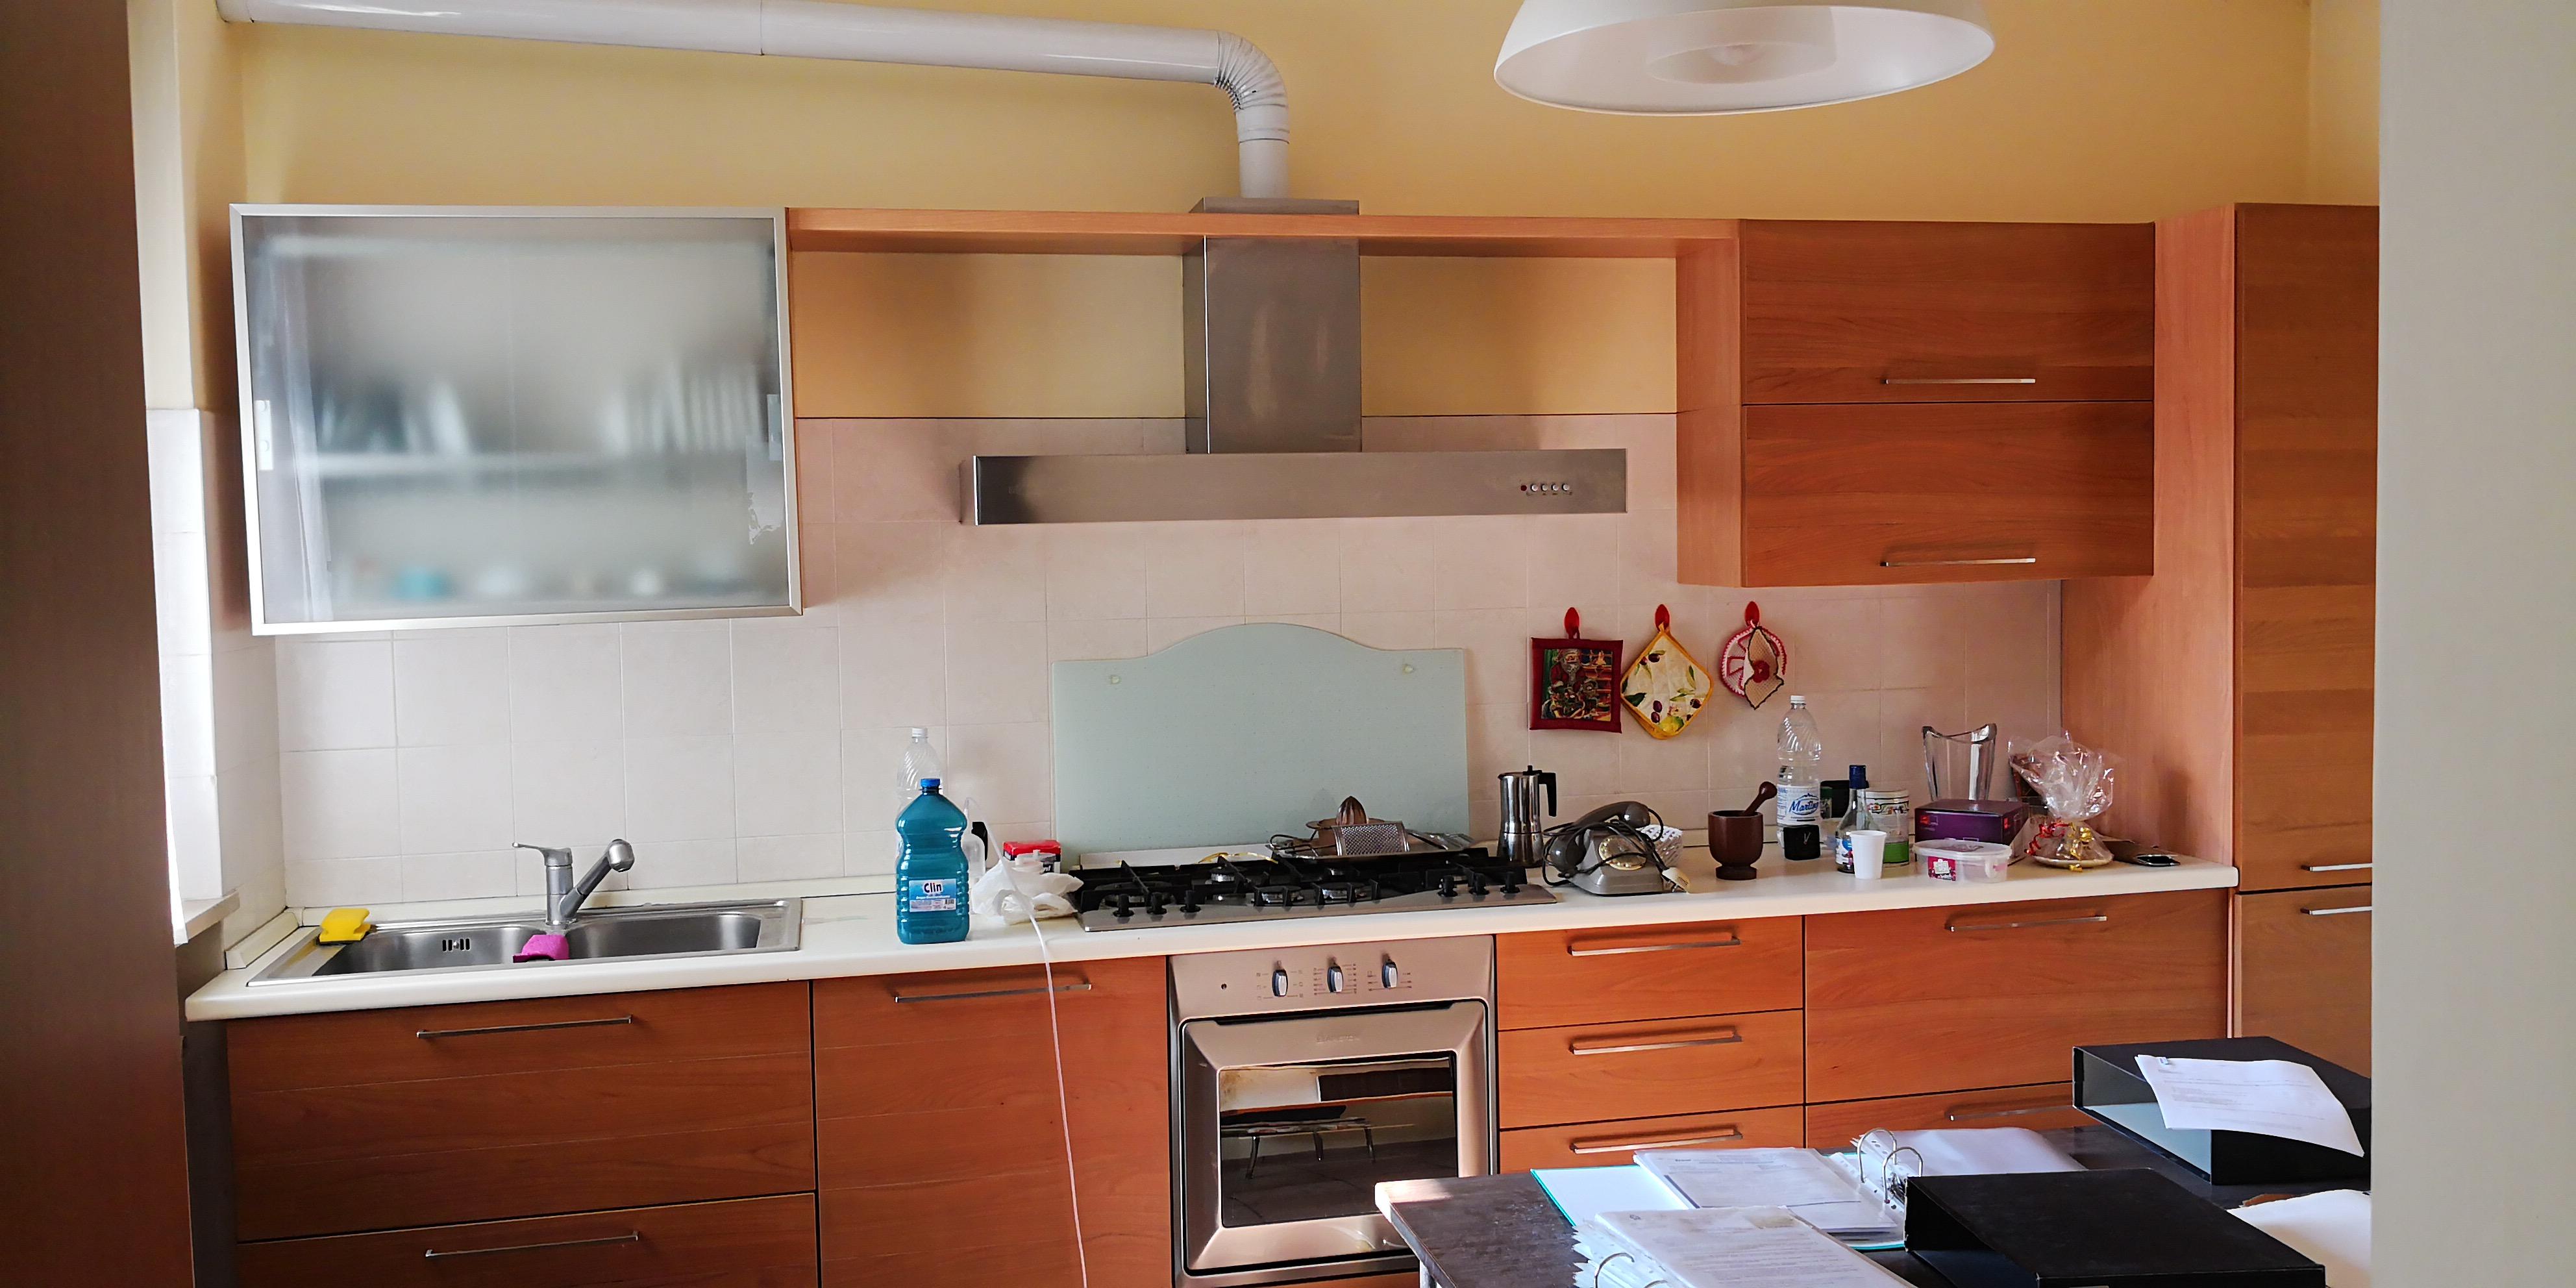 Appartamento indipendente in casa bifamiliare a Cerano (NO)